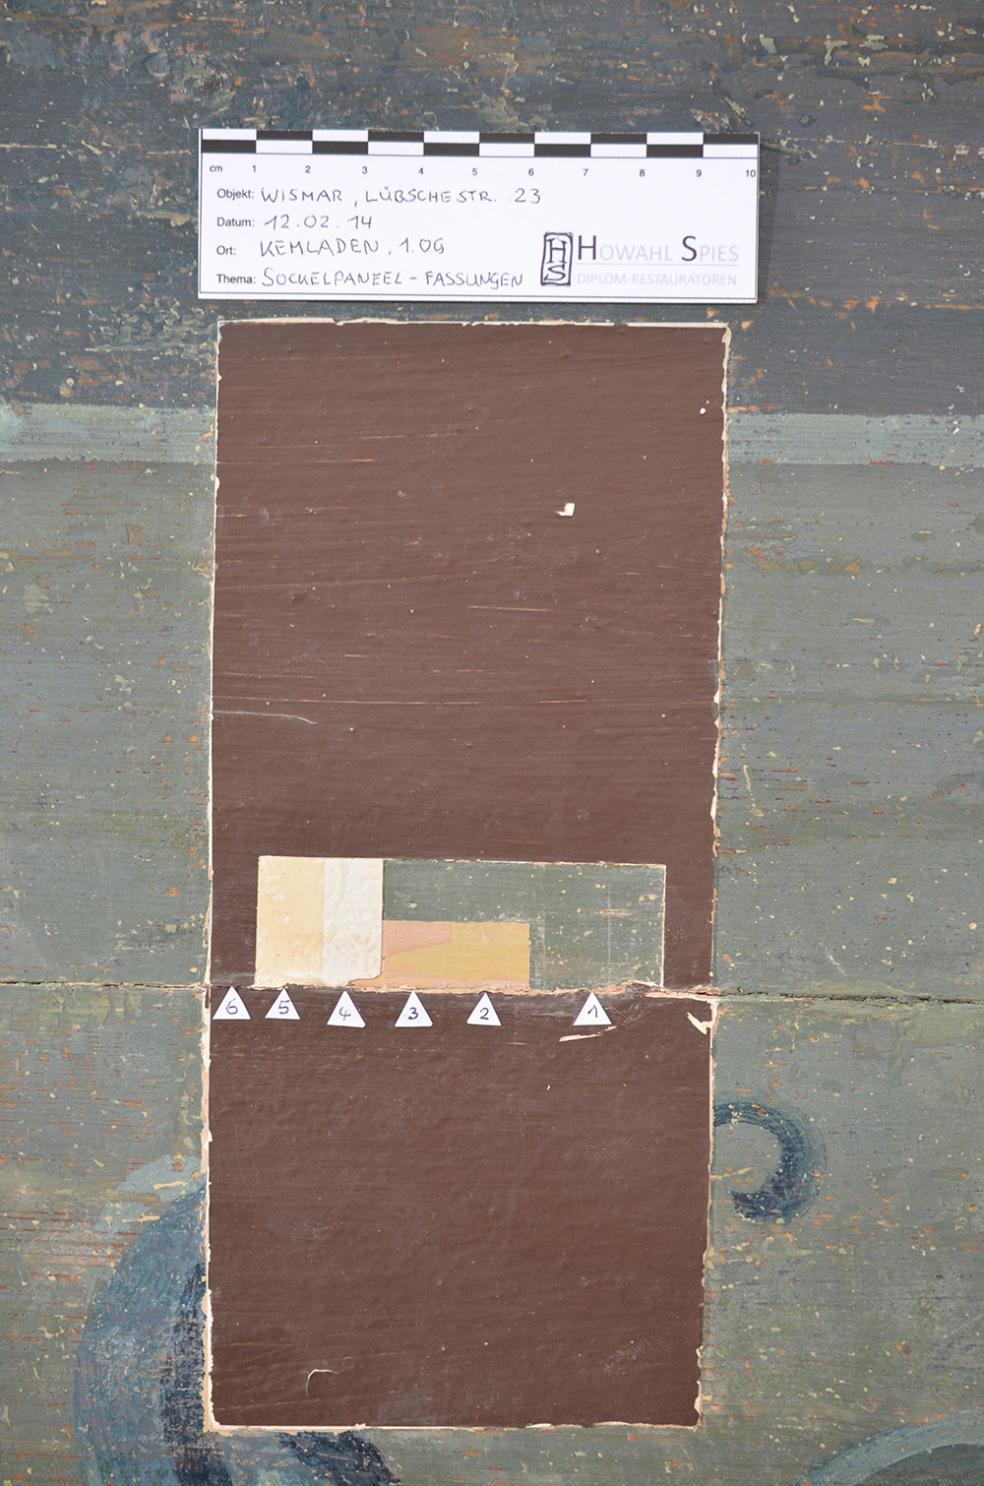 Howahl_Projekt_Wandmalerei-Unesco_4